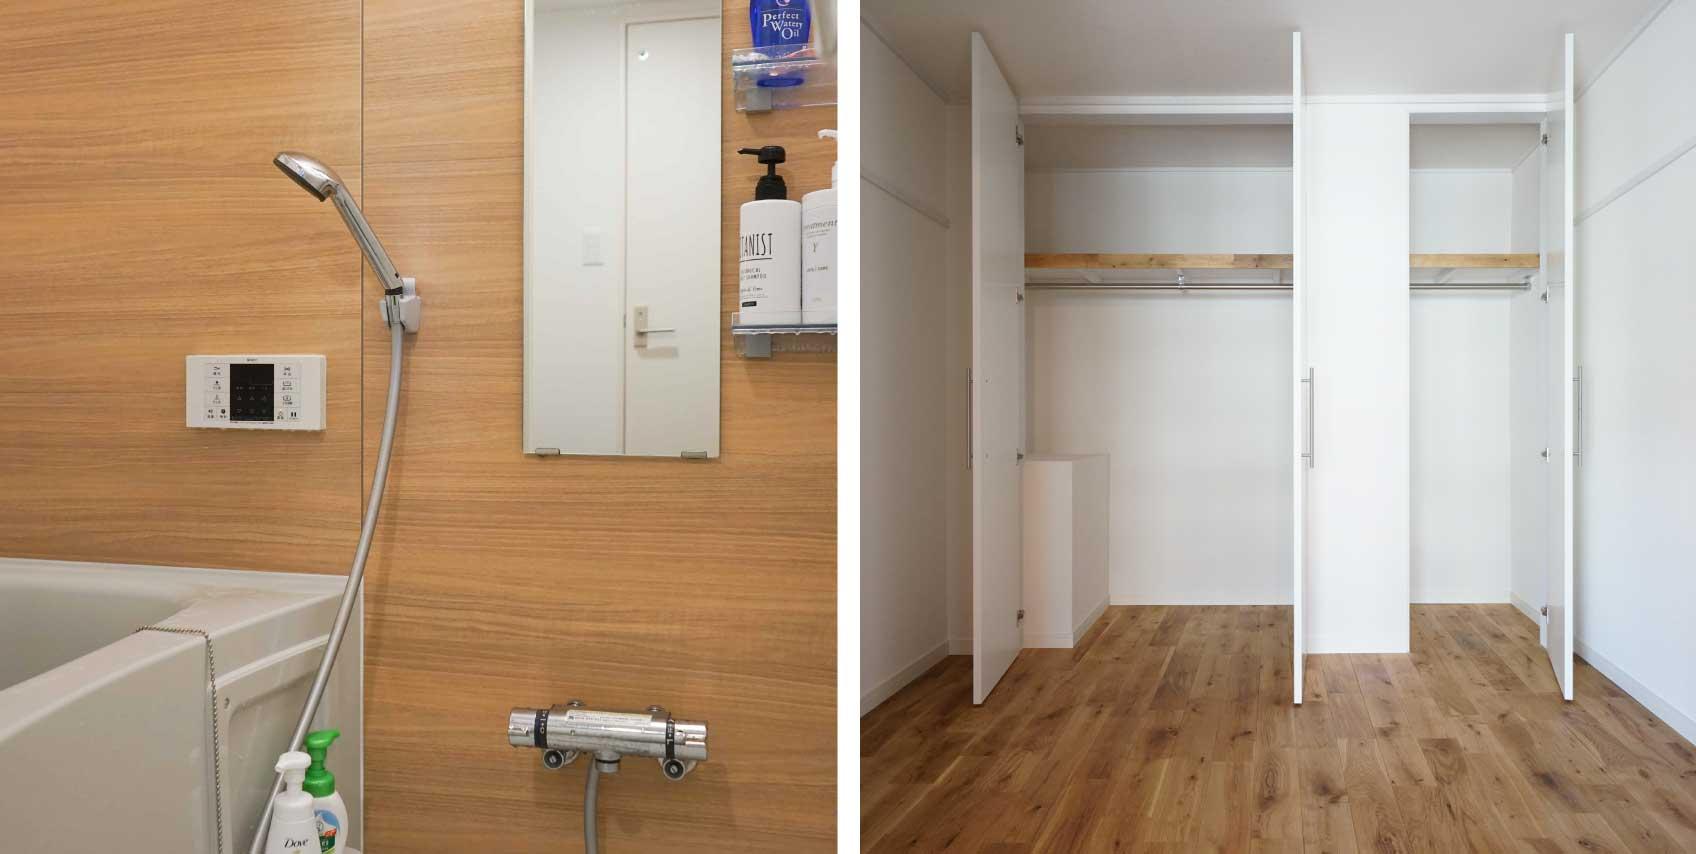 左:新しくなったバスルーム。古い建物でも水回りがリフレッシュされているものはお得/寝室のクローゼットはふたり分の荷物に十分な量があり、喧嘩になることもありません。